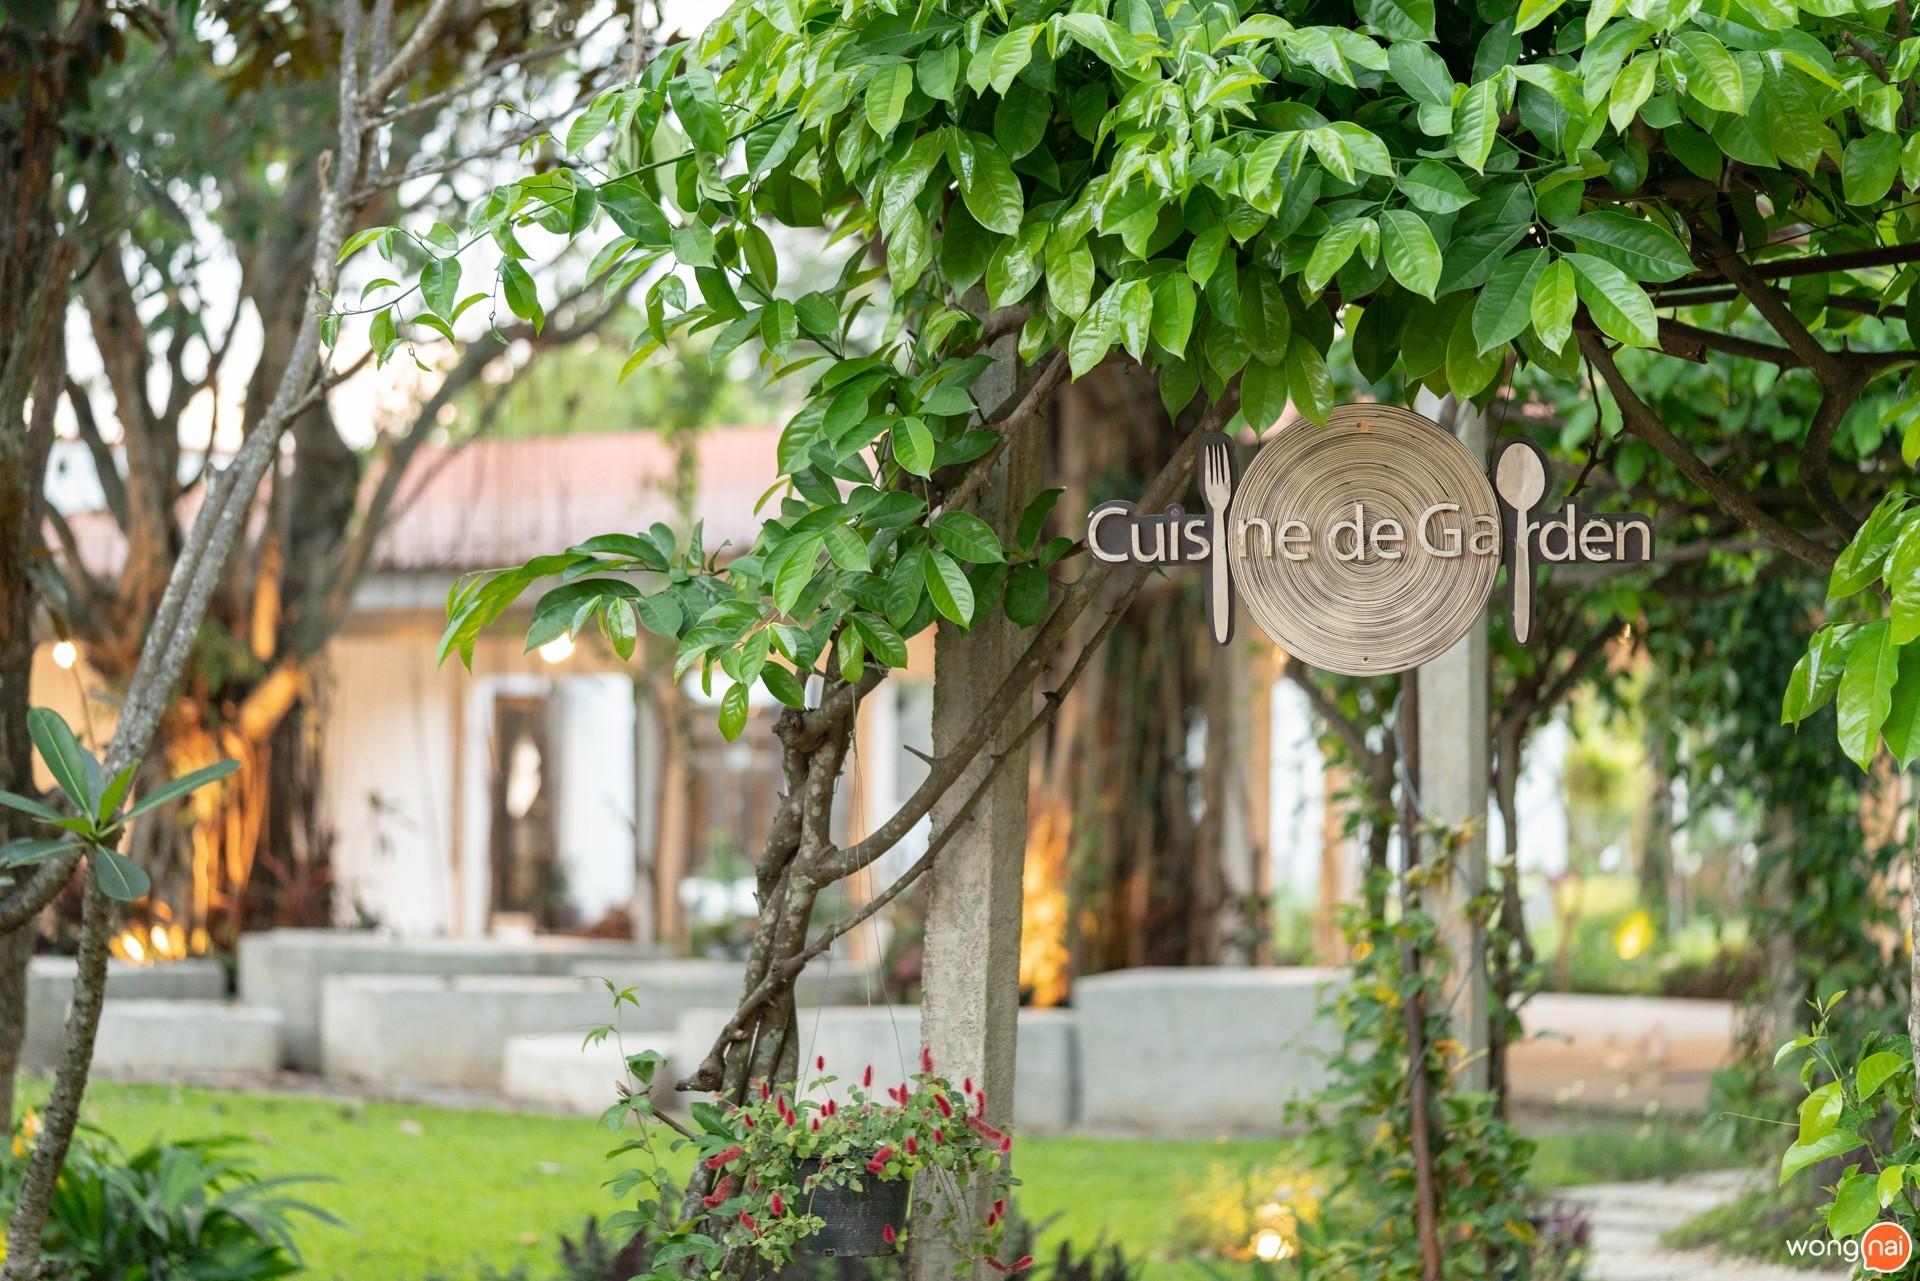 ร้าน Cuisine de Garden เชียงใหม่